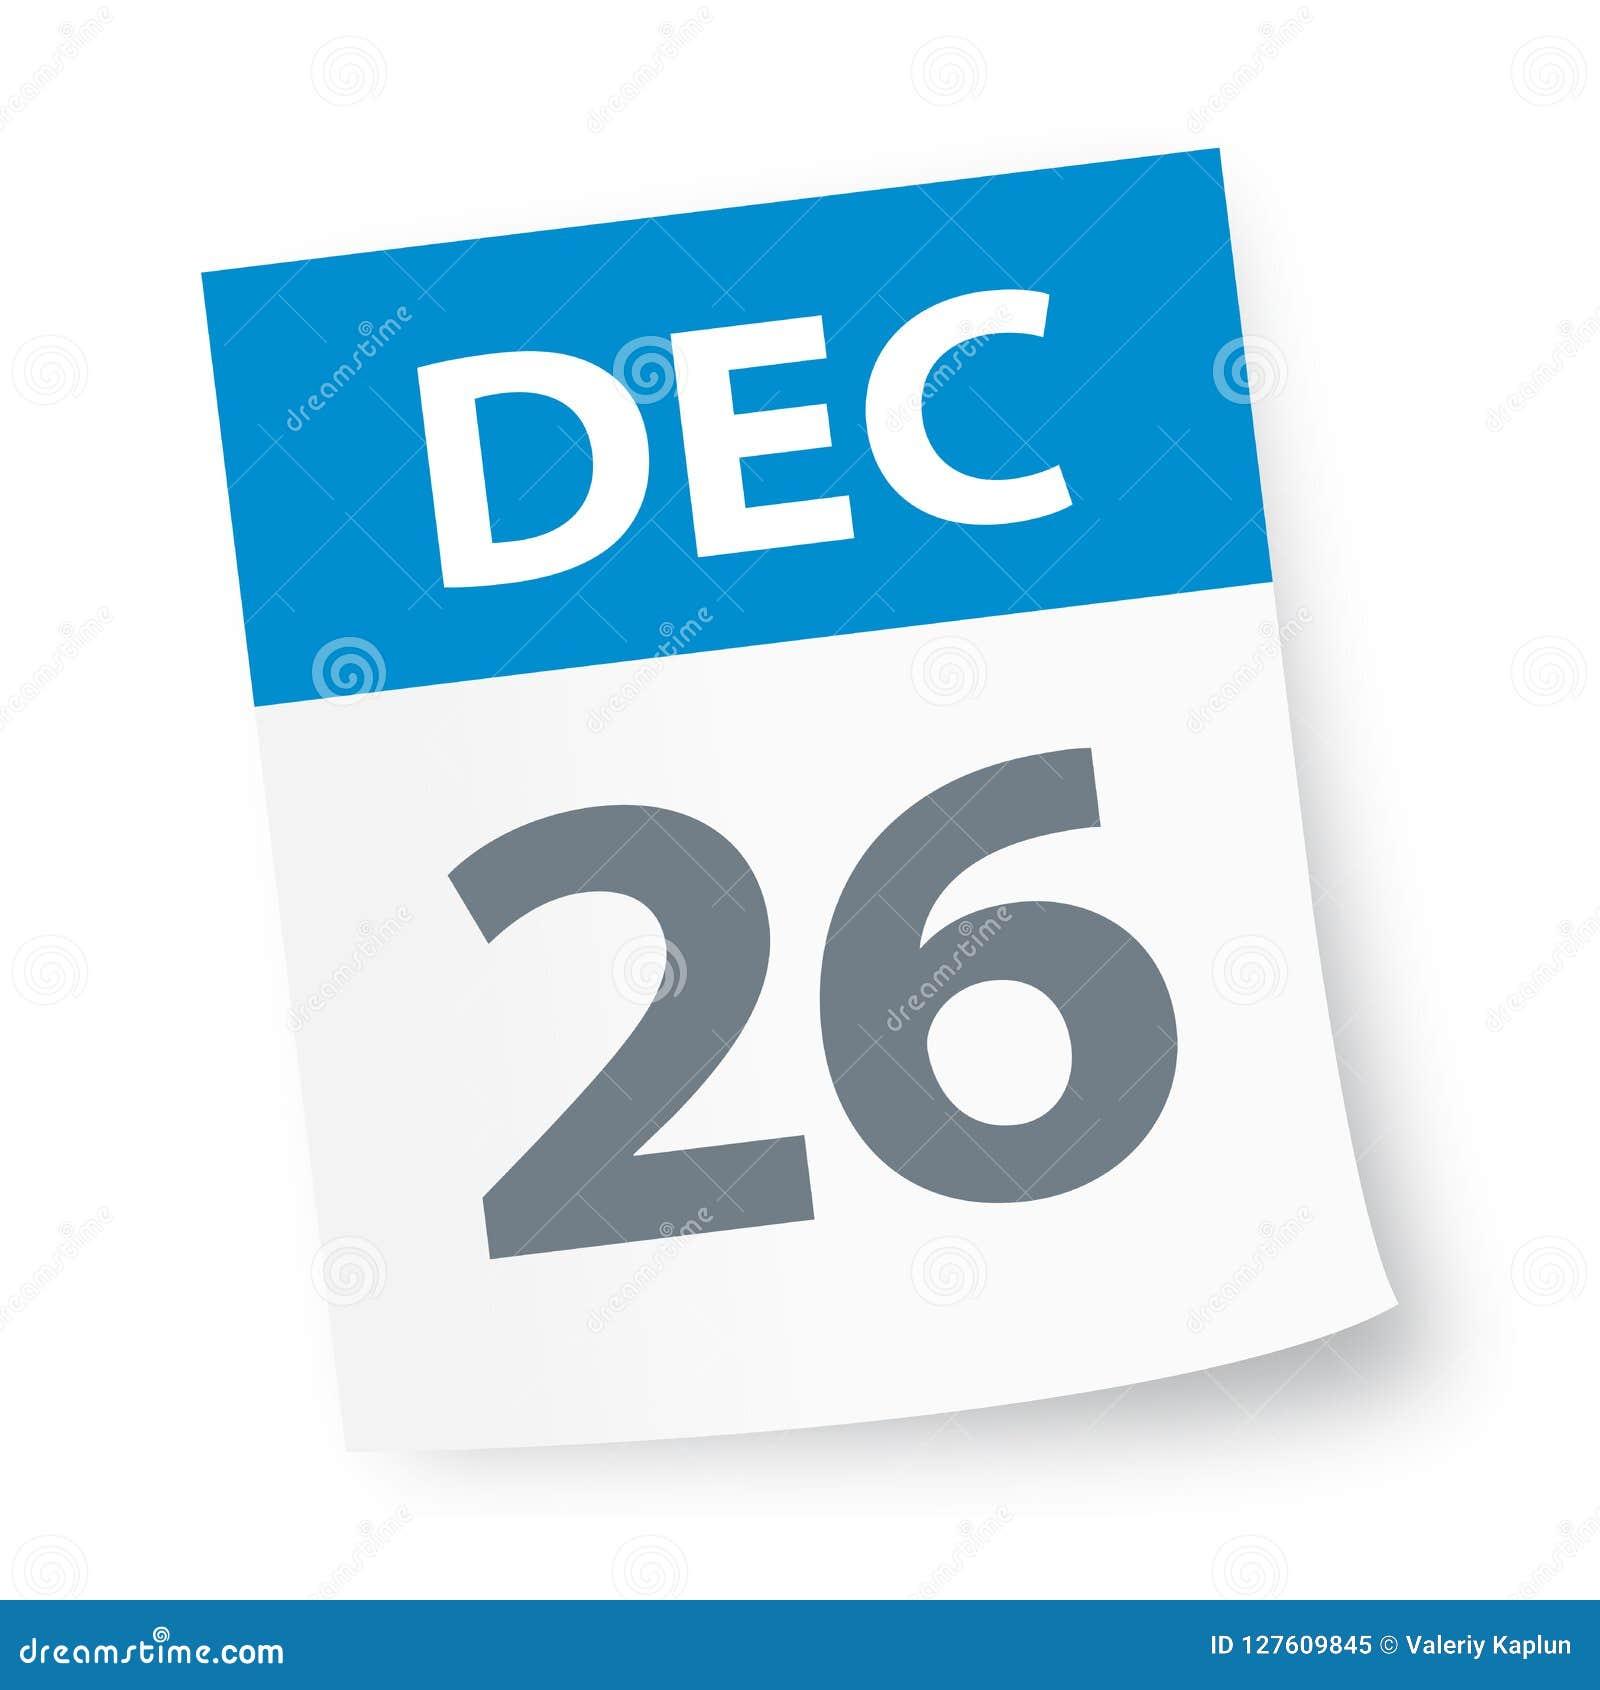 December 26 2019 Calendar December 26   Calendar Icon Stock Illustration   Illustration of